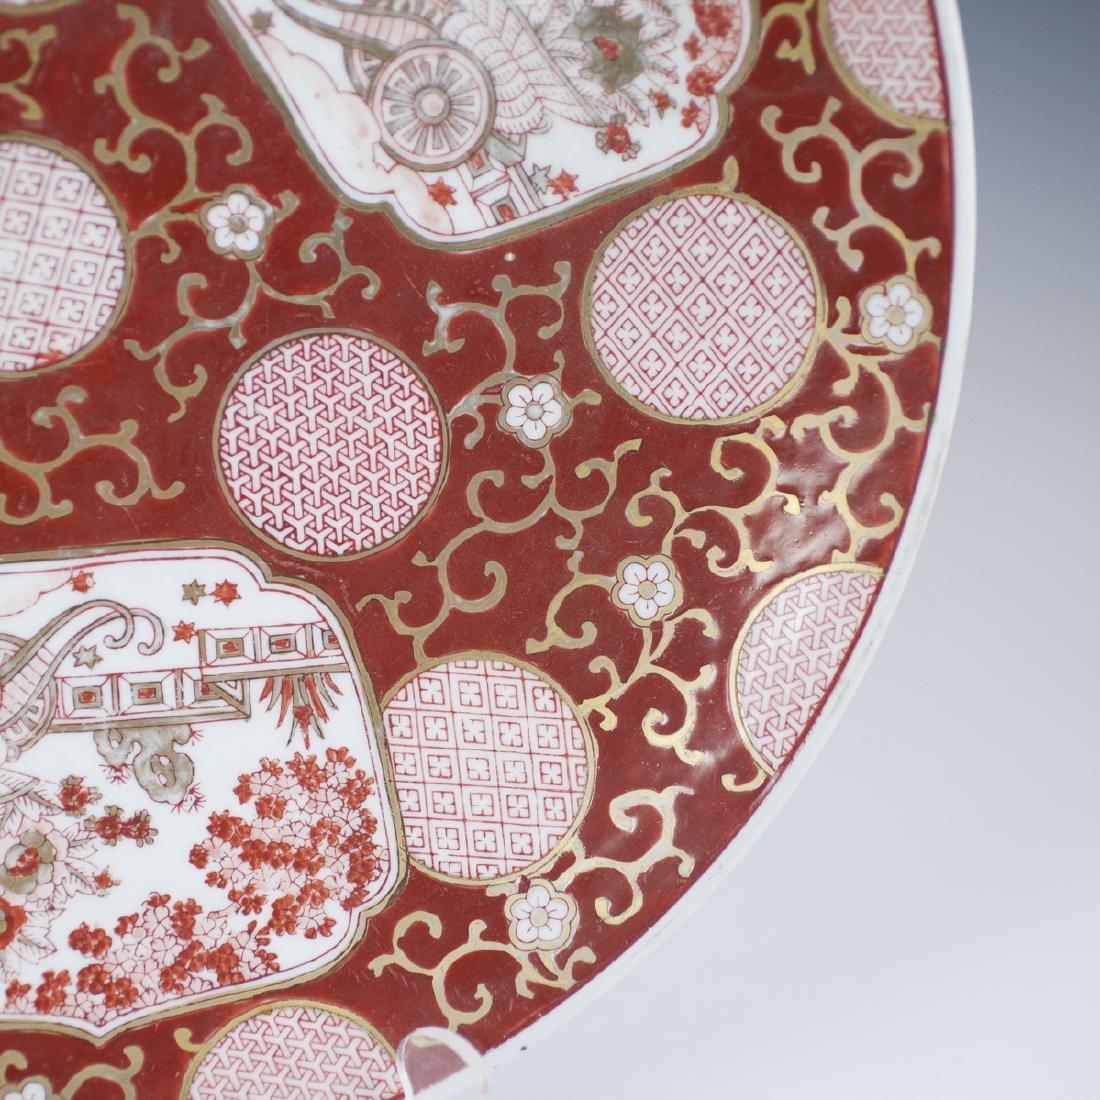 Japanese Kutani Enameled Porcelain Charger - 5